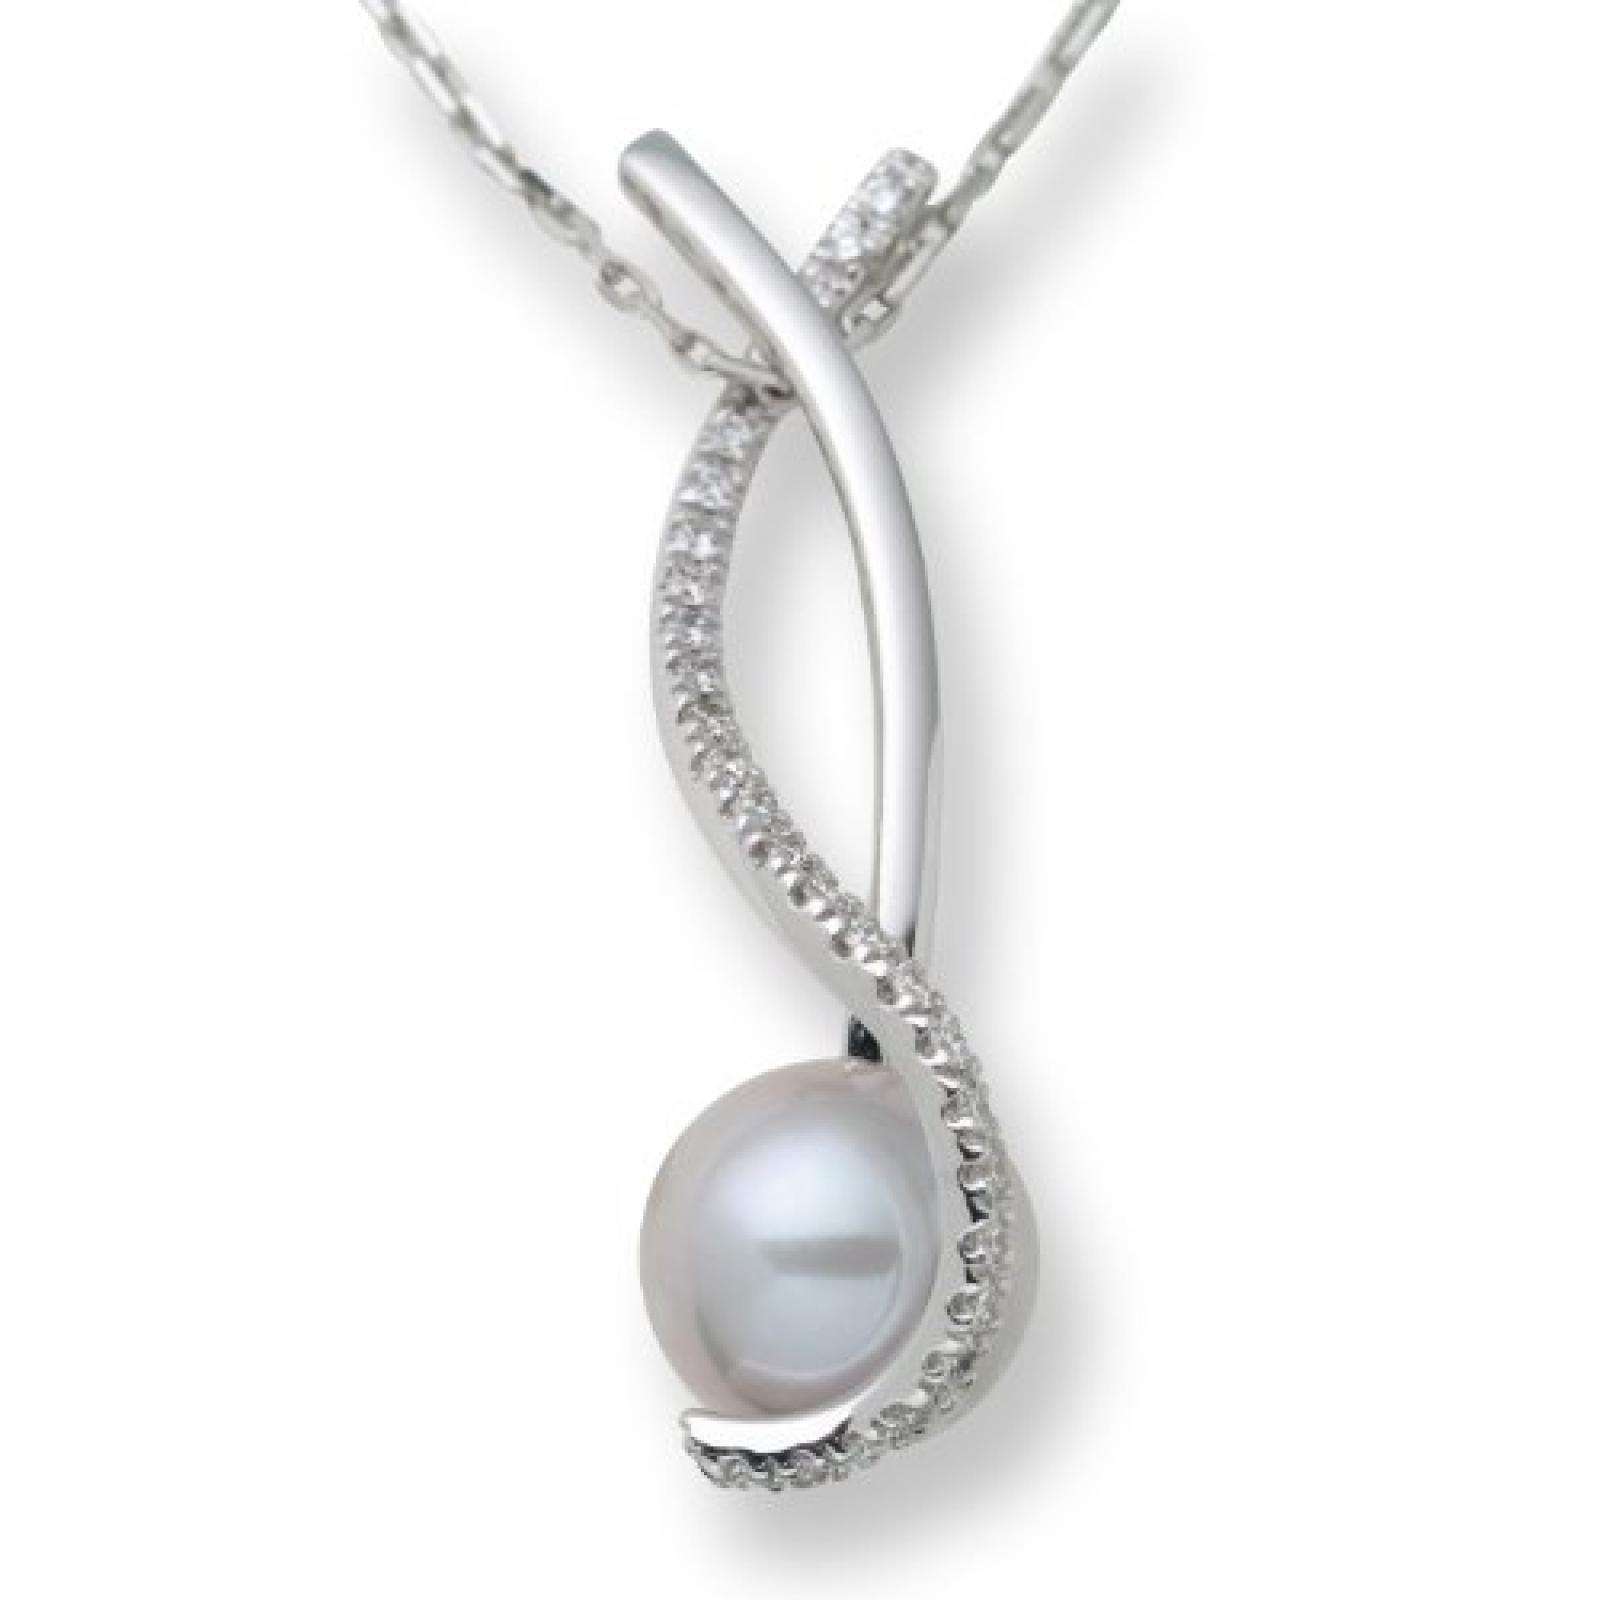 Miore M0842B Halskette 18 Karat (750) Weißgold mit graue Perle und Brillanten